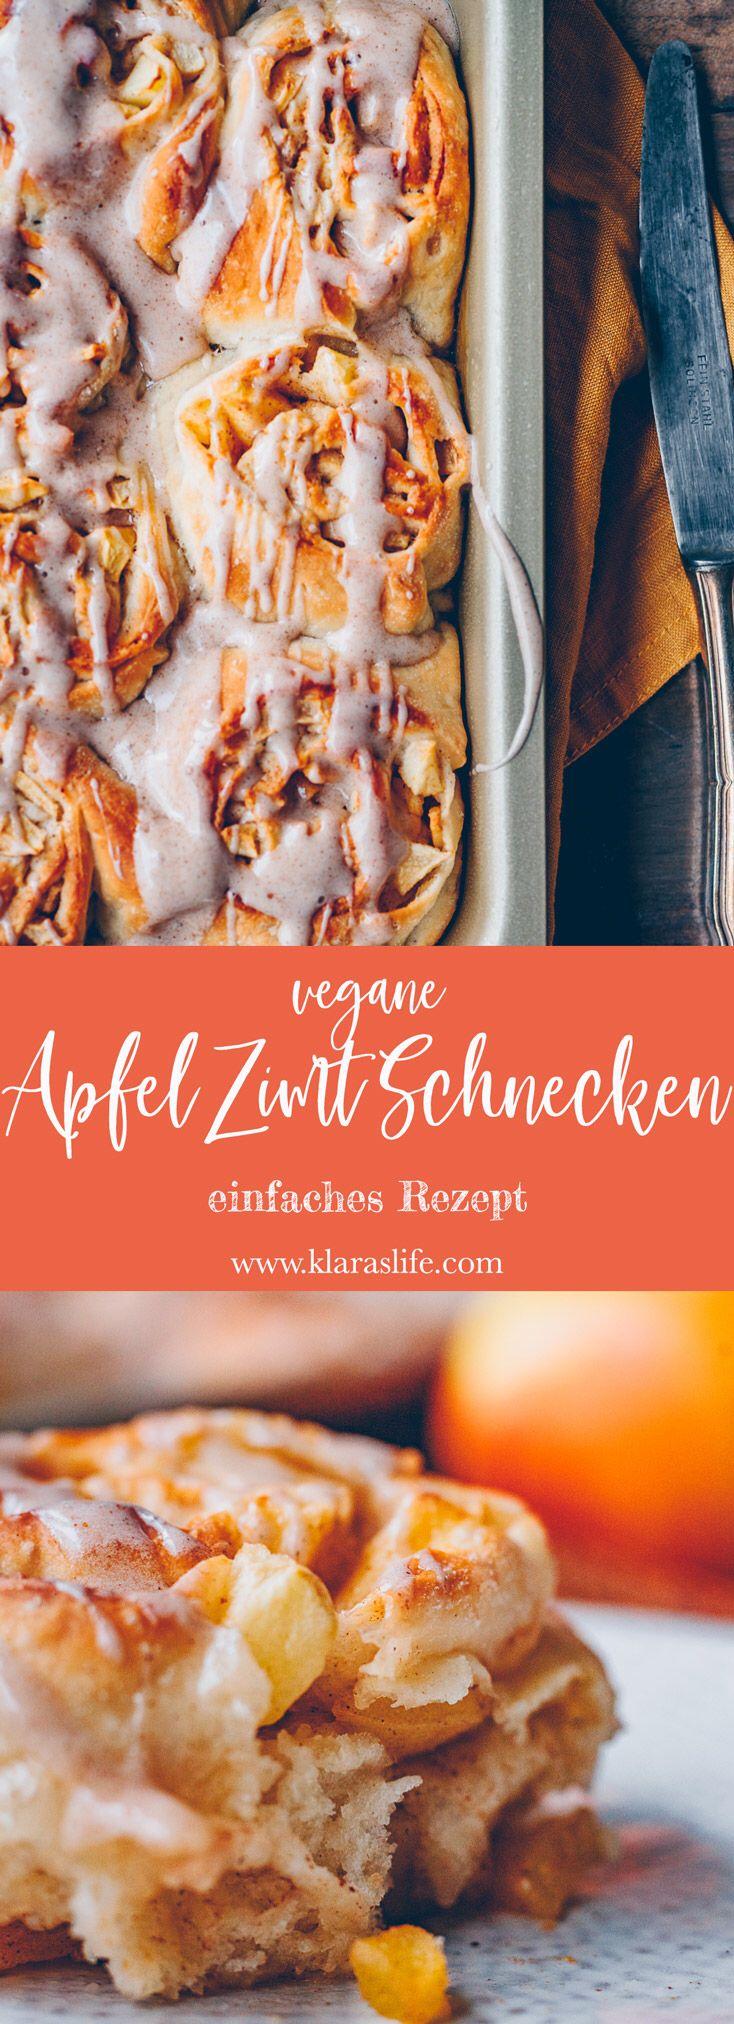 Apfel Zimt Schnecken - Klara`s Life #apfelmuffinsrezepte